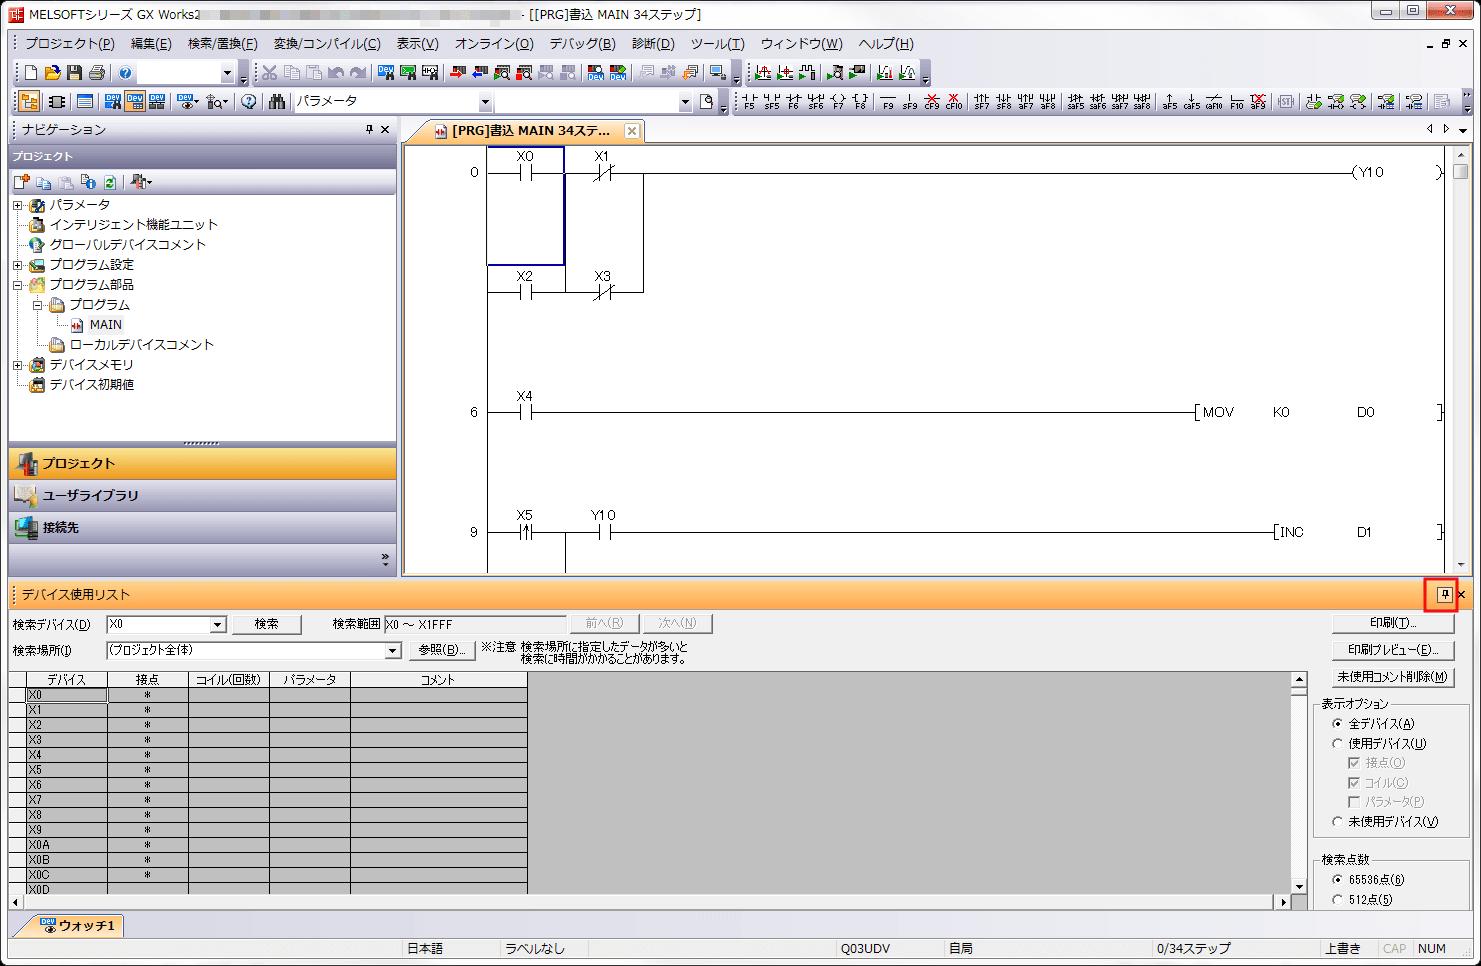 デバイス使用リストのウィンドウを画面下に固定する